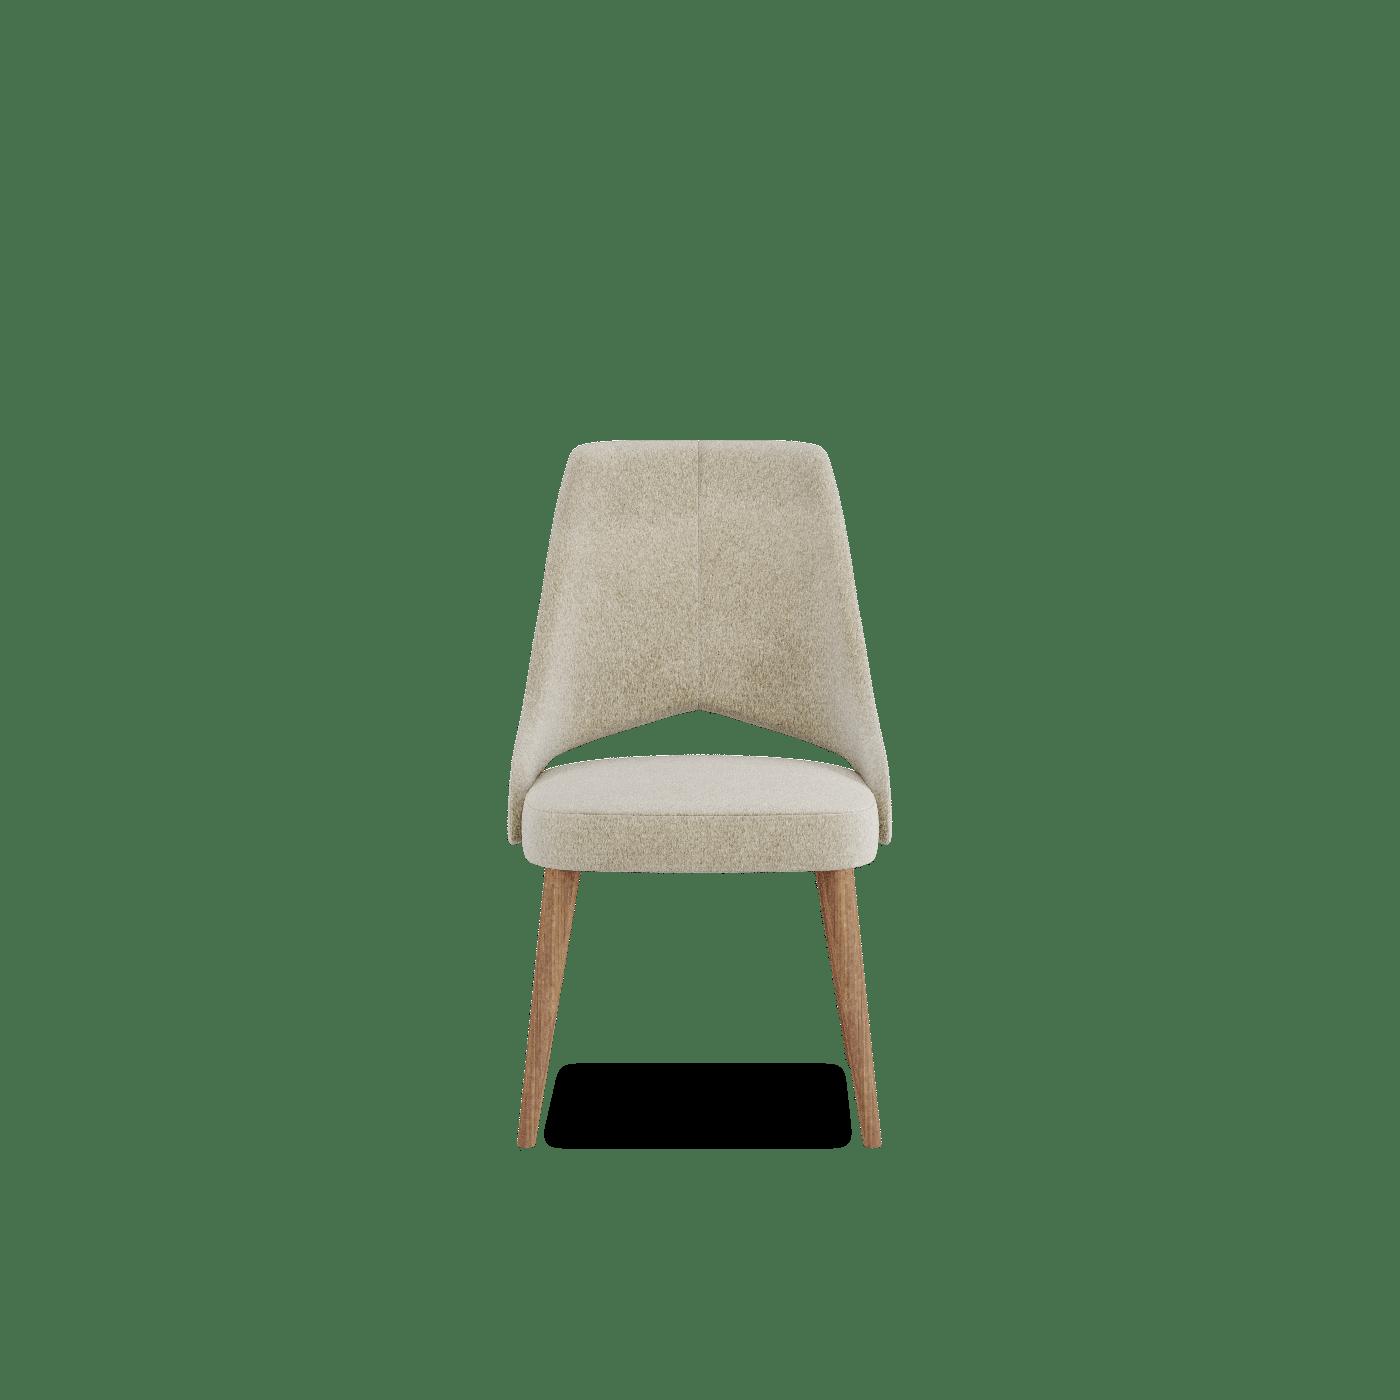 Tuub chair